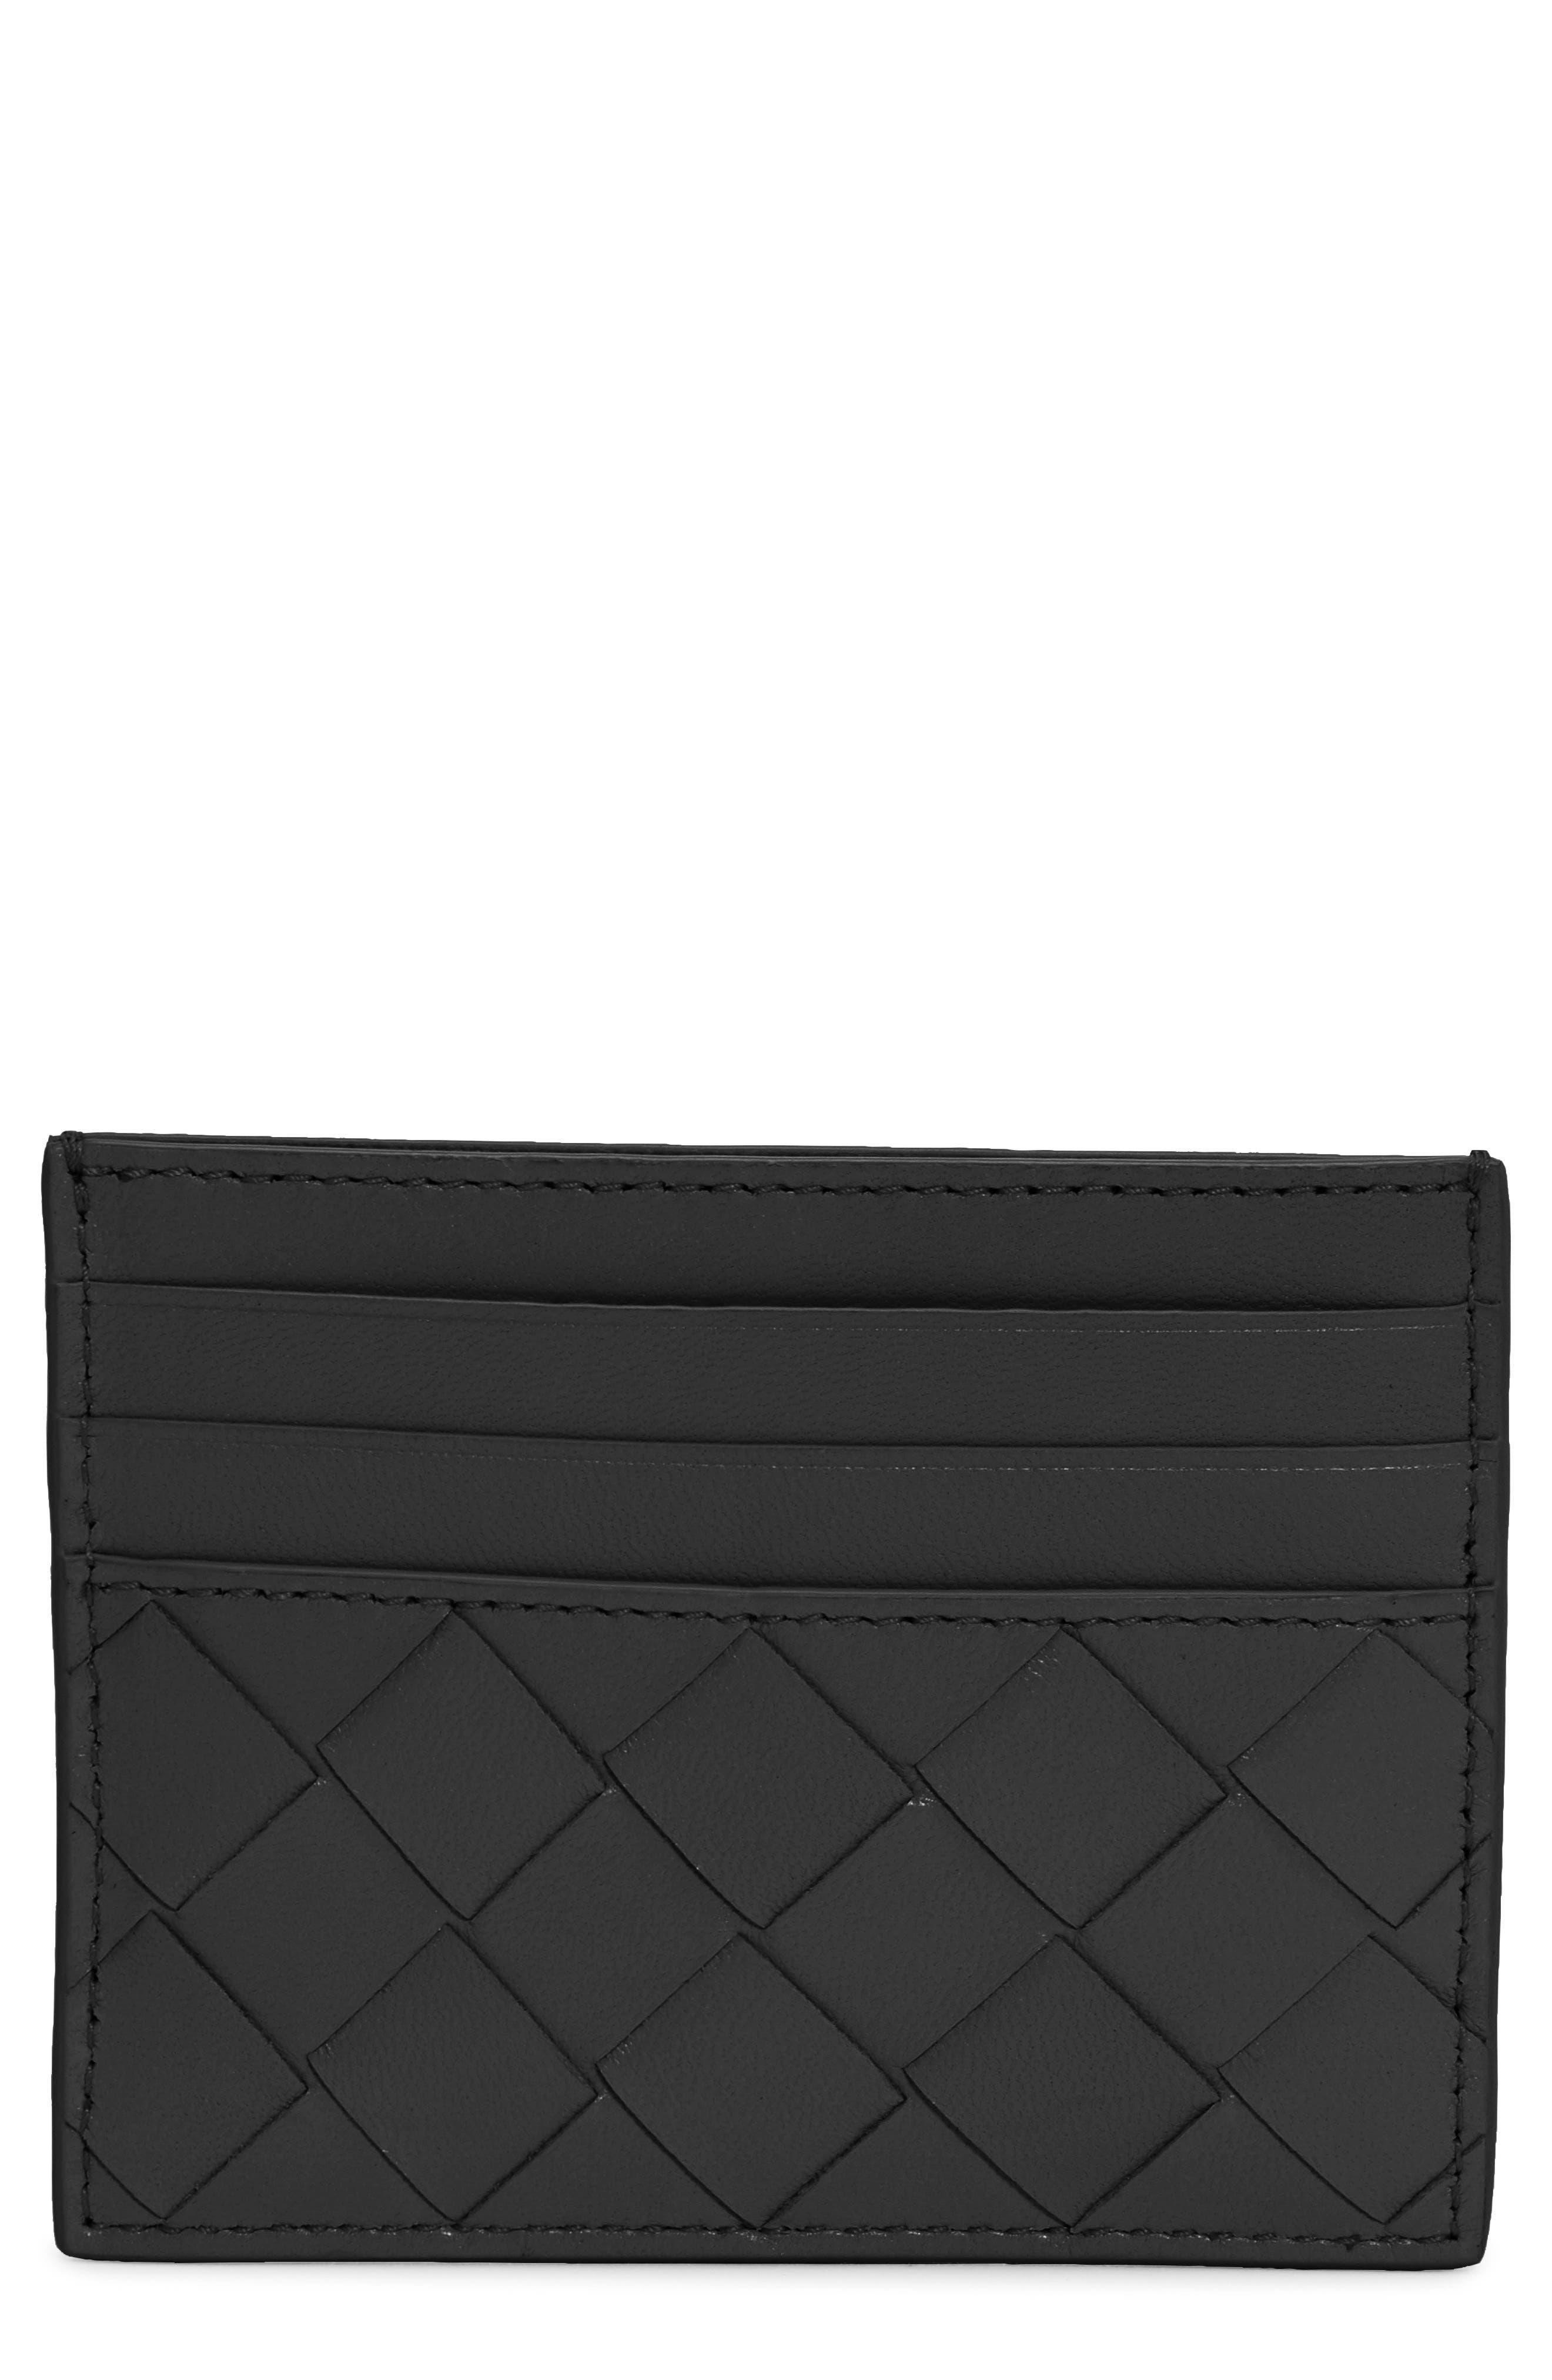 Bottega Veneta Intrecciato Leather Card Case | Nordstrom